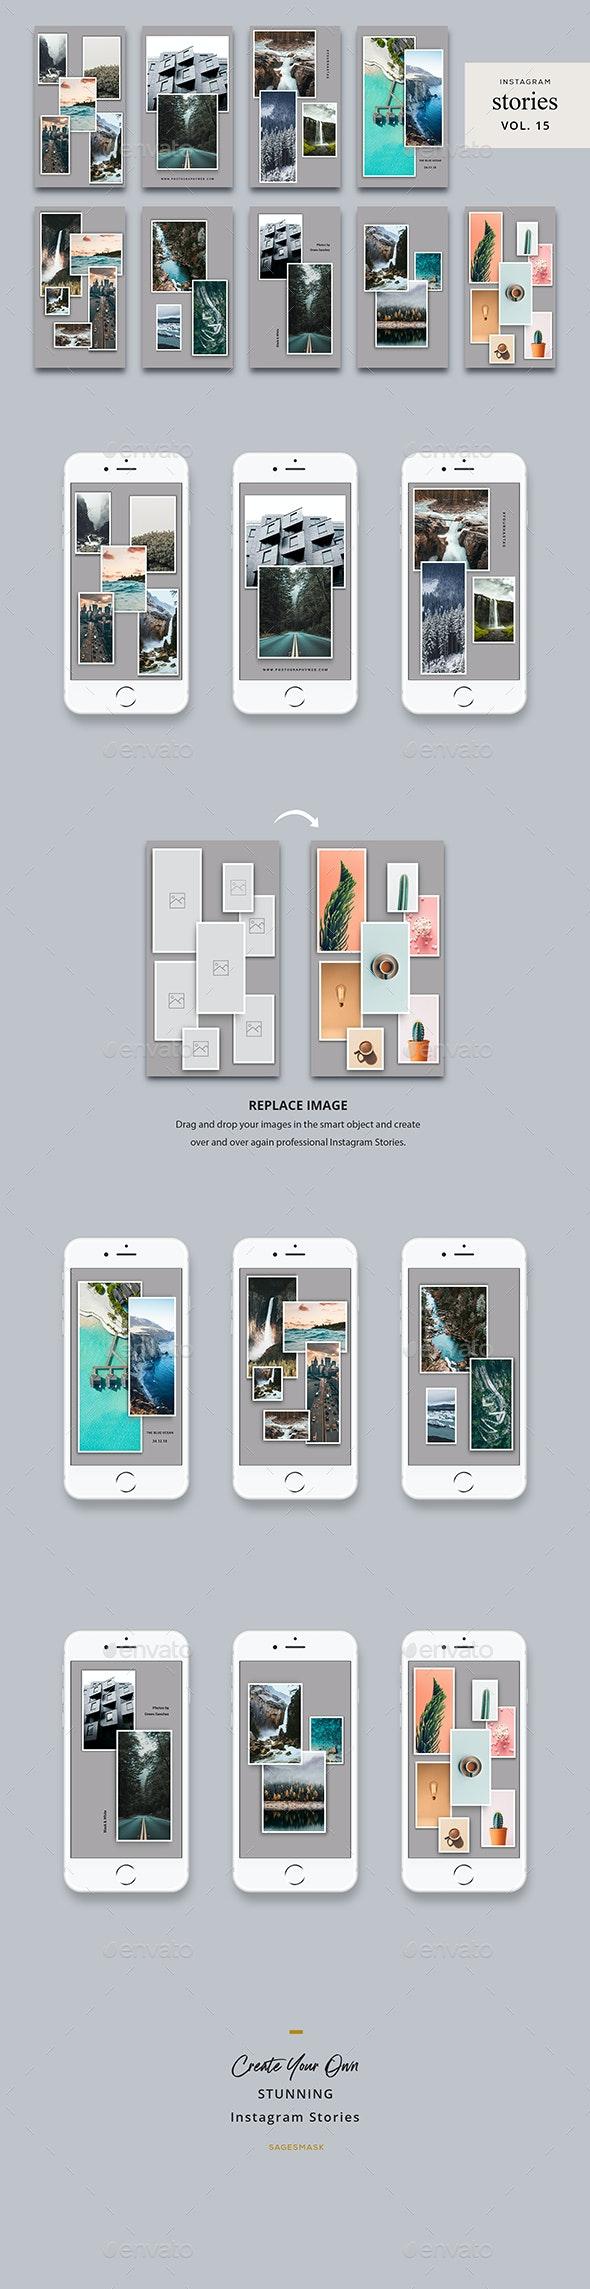 Instagram Stories Vol. 15 - Social Media Web Elements